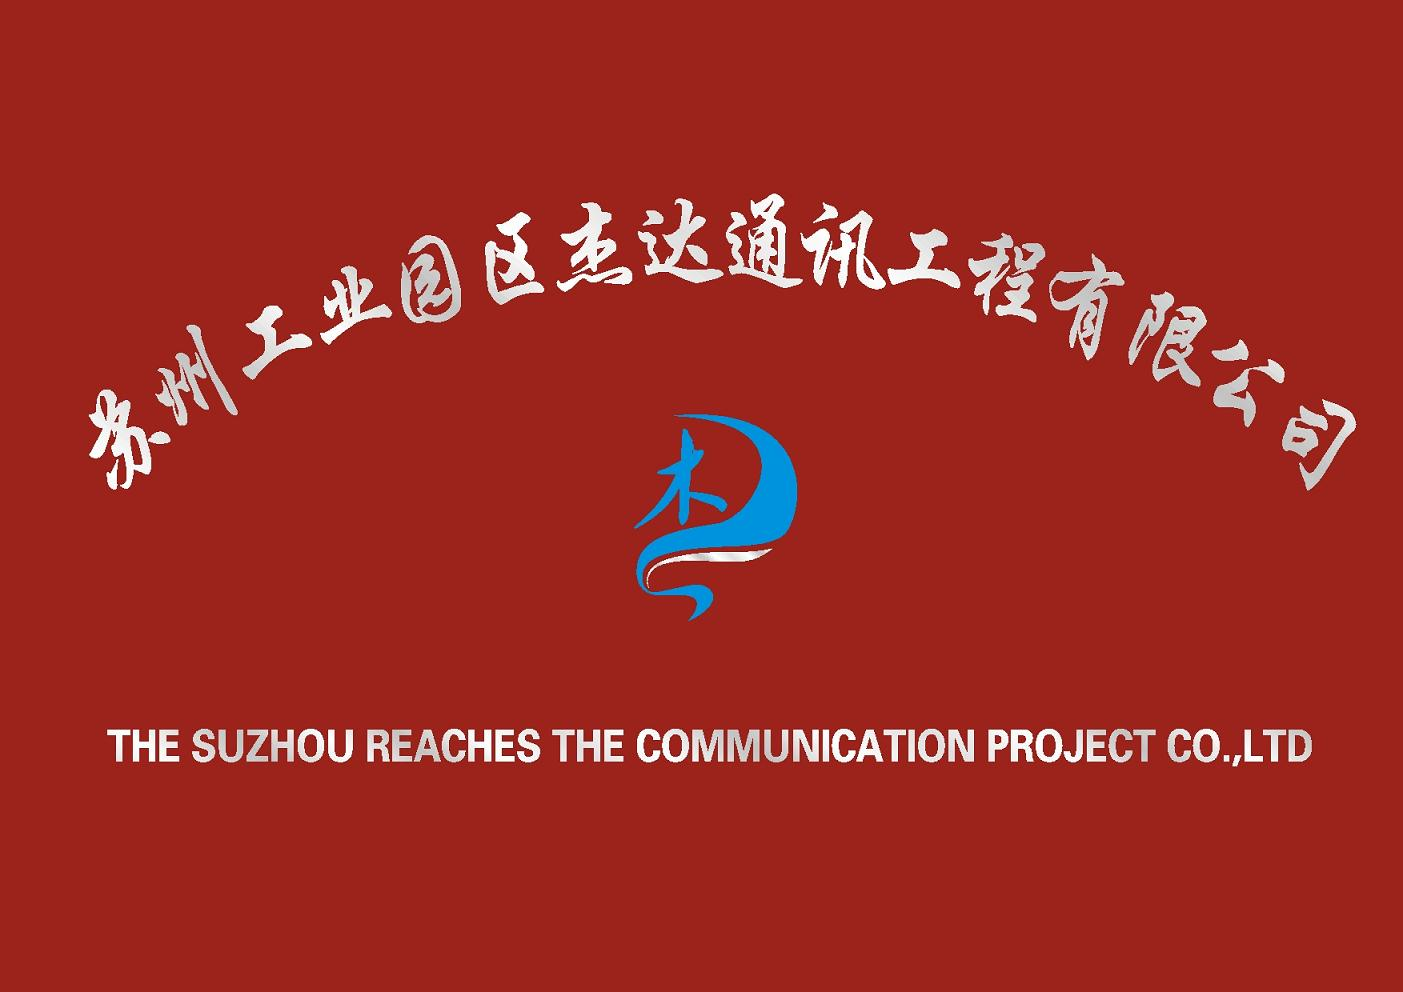 苏州工业园区杰达通讯工程有限公司